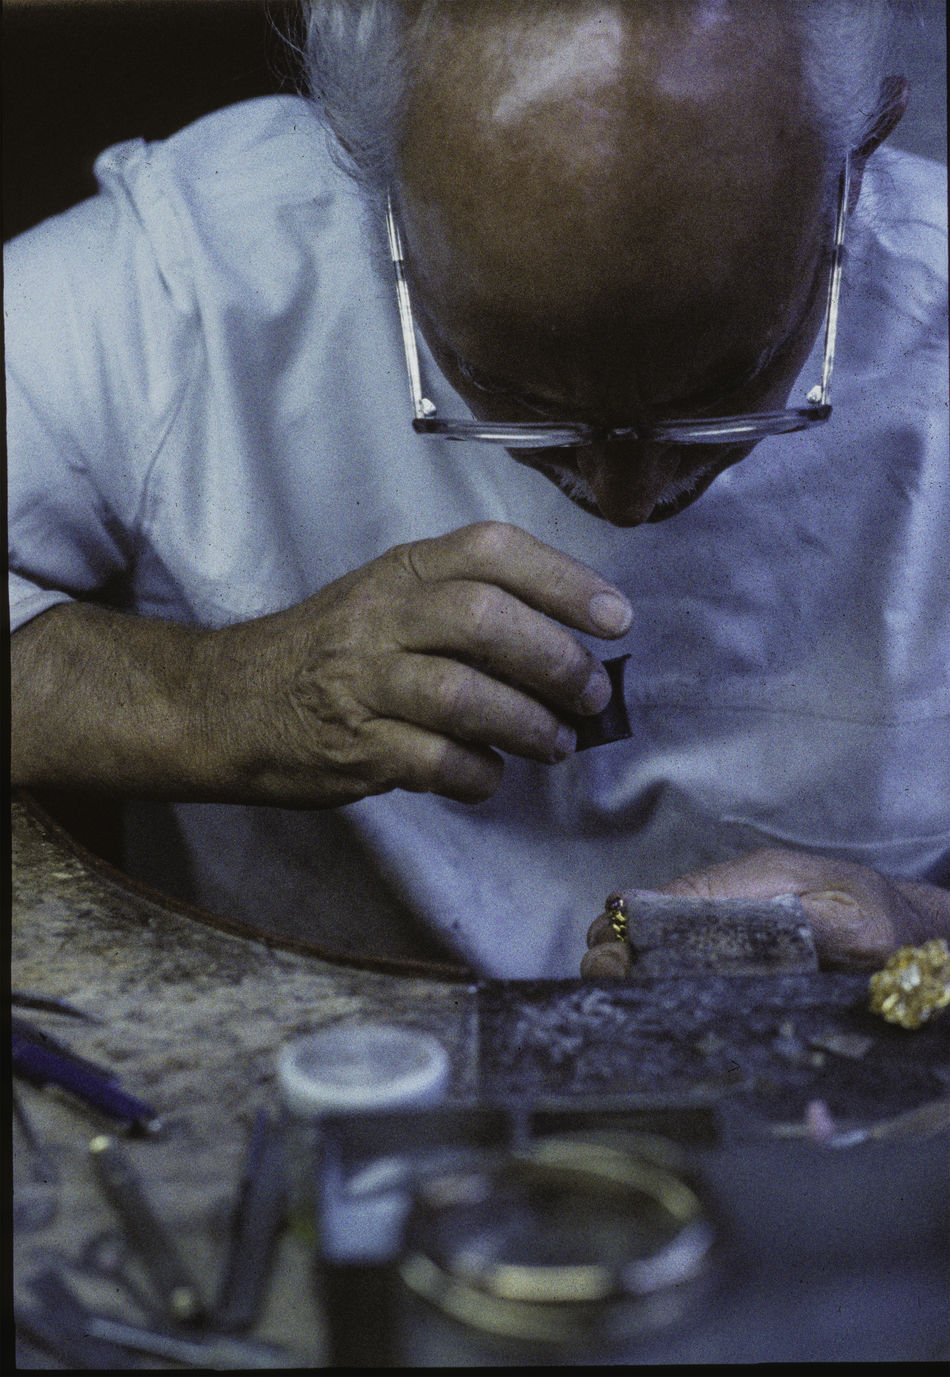 Lupe Atelier Brille Gold Holztisch Lupe Schmuck Schmuckstück Werkstatt-Atelier